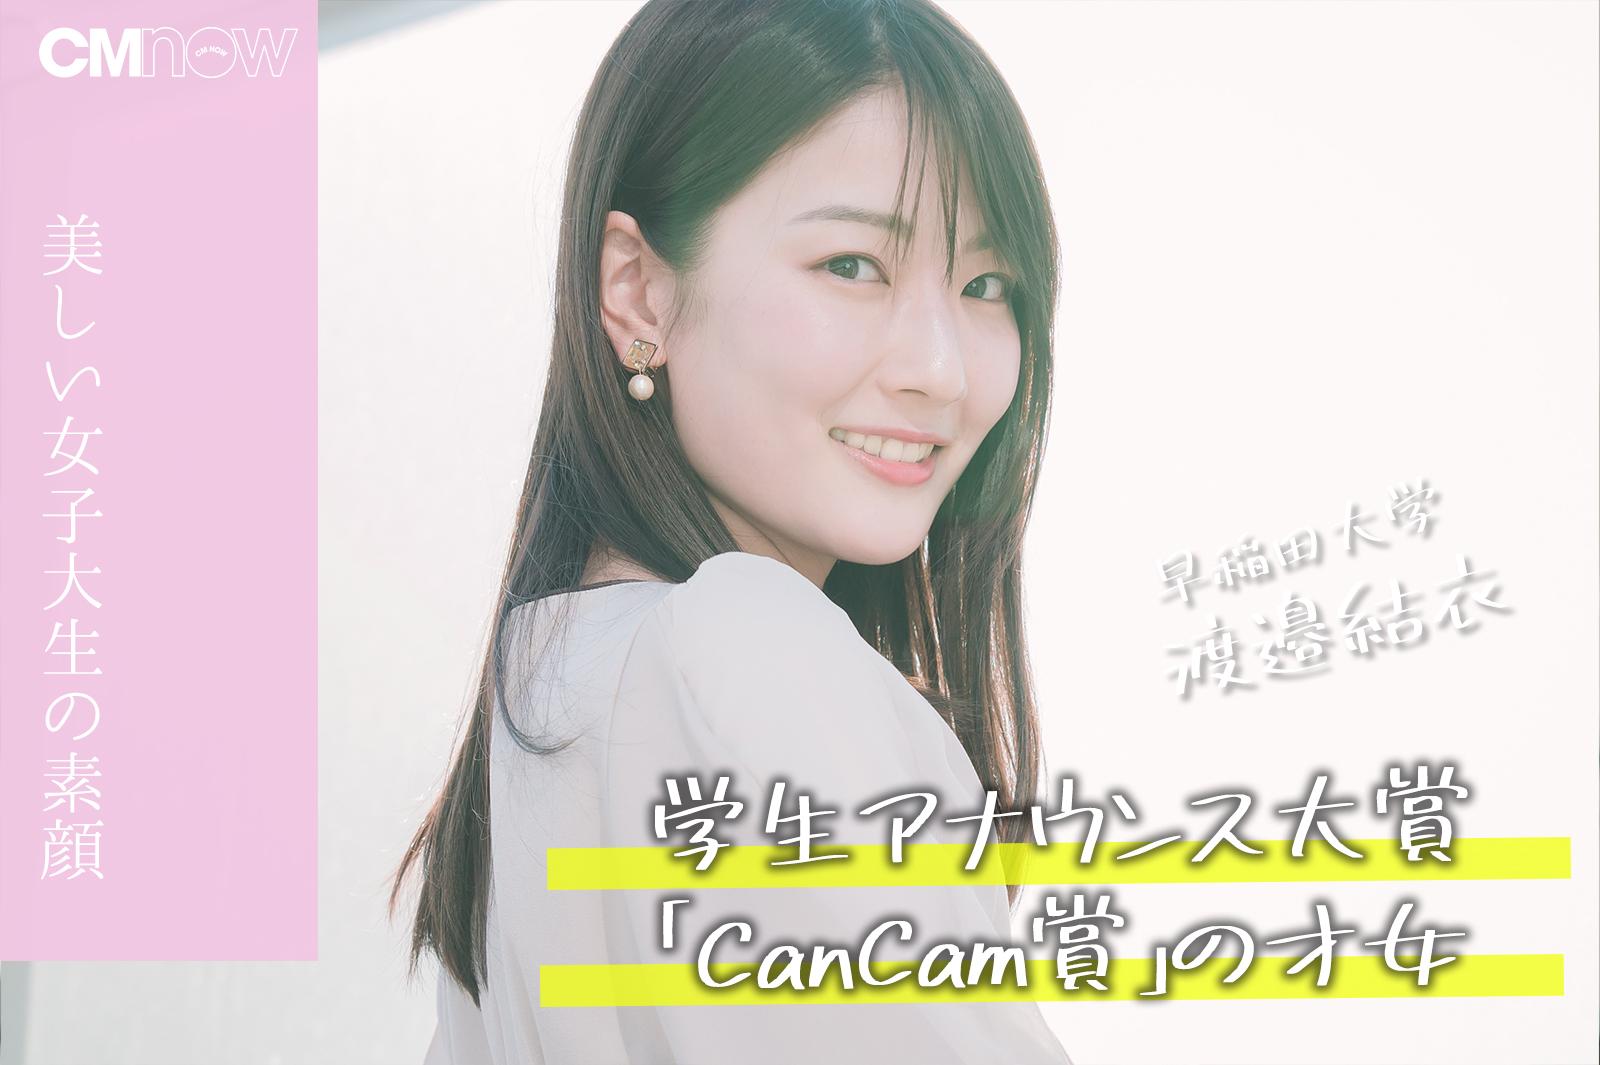 【美しい女子大生の素顔】早稲田大学・渡邉結衣、学生アナウンス大賞「CanCam賞」の才女